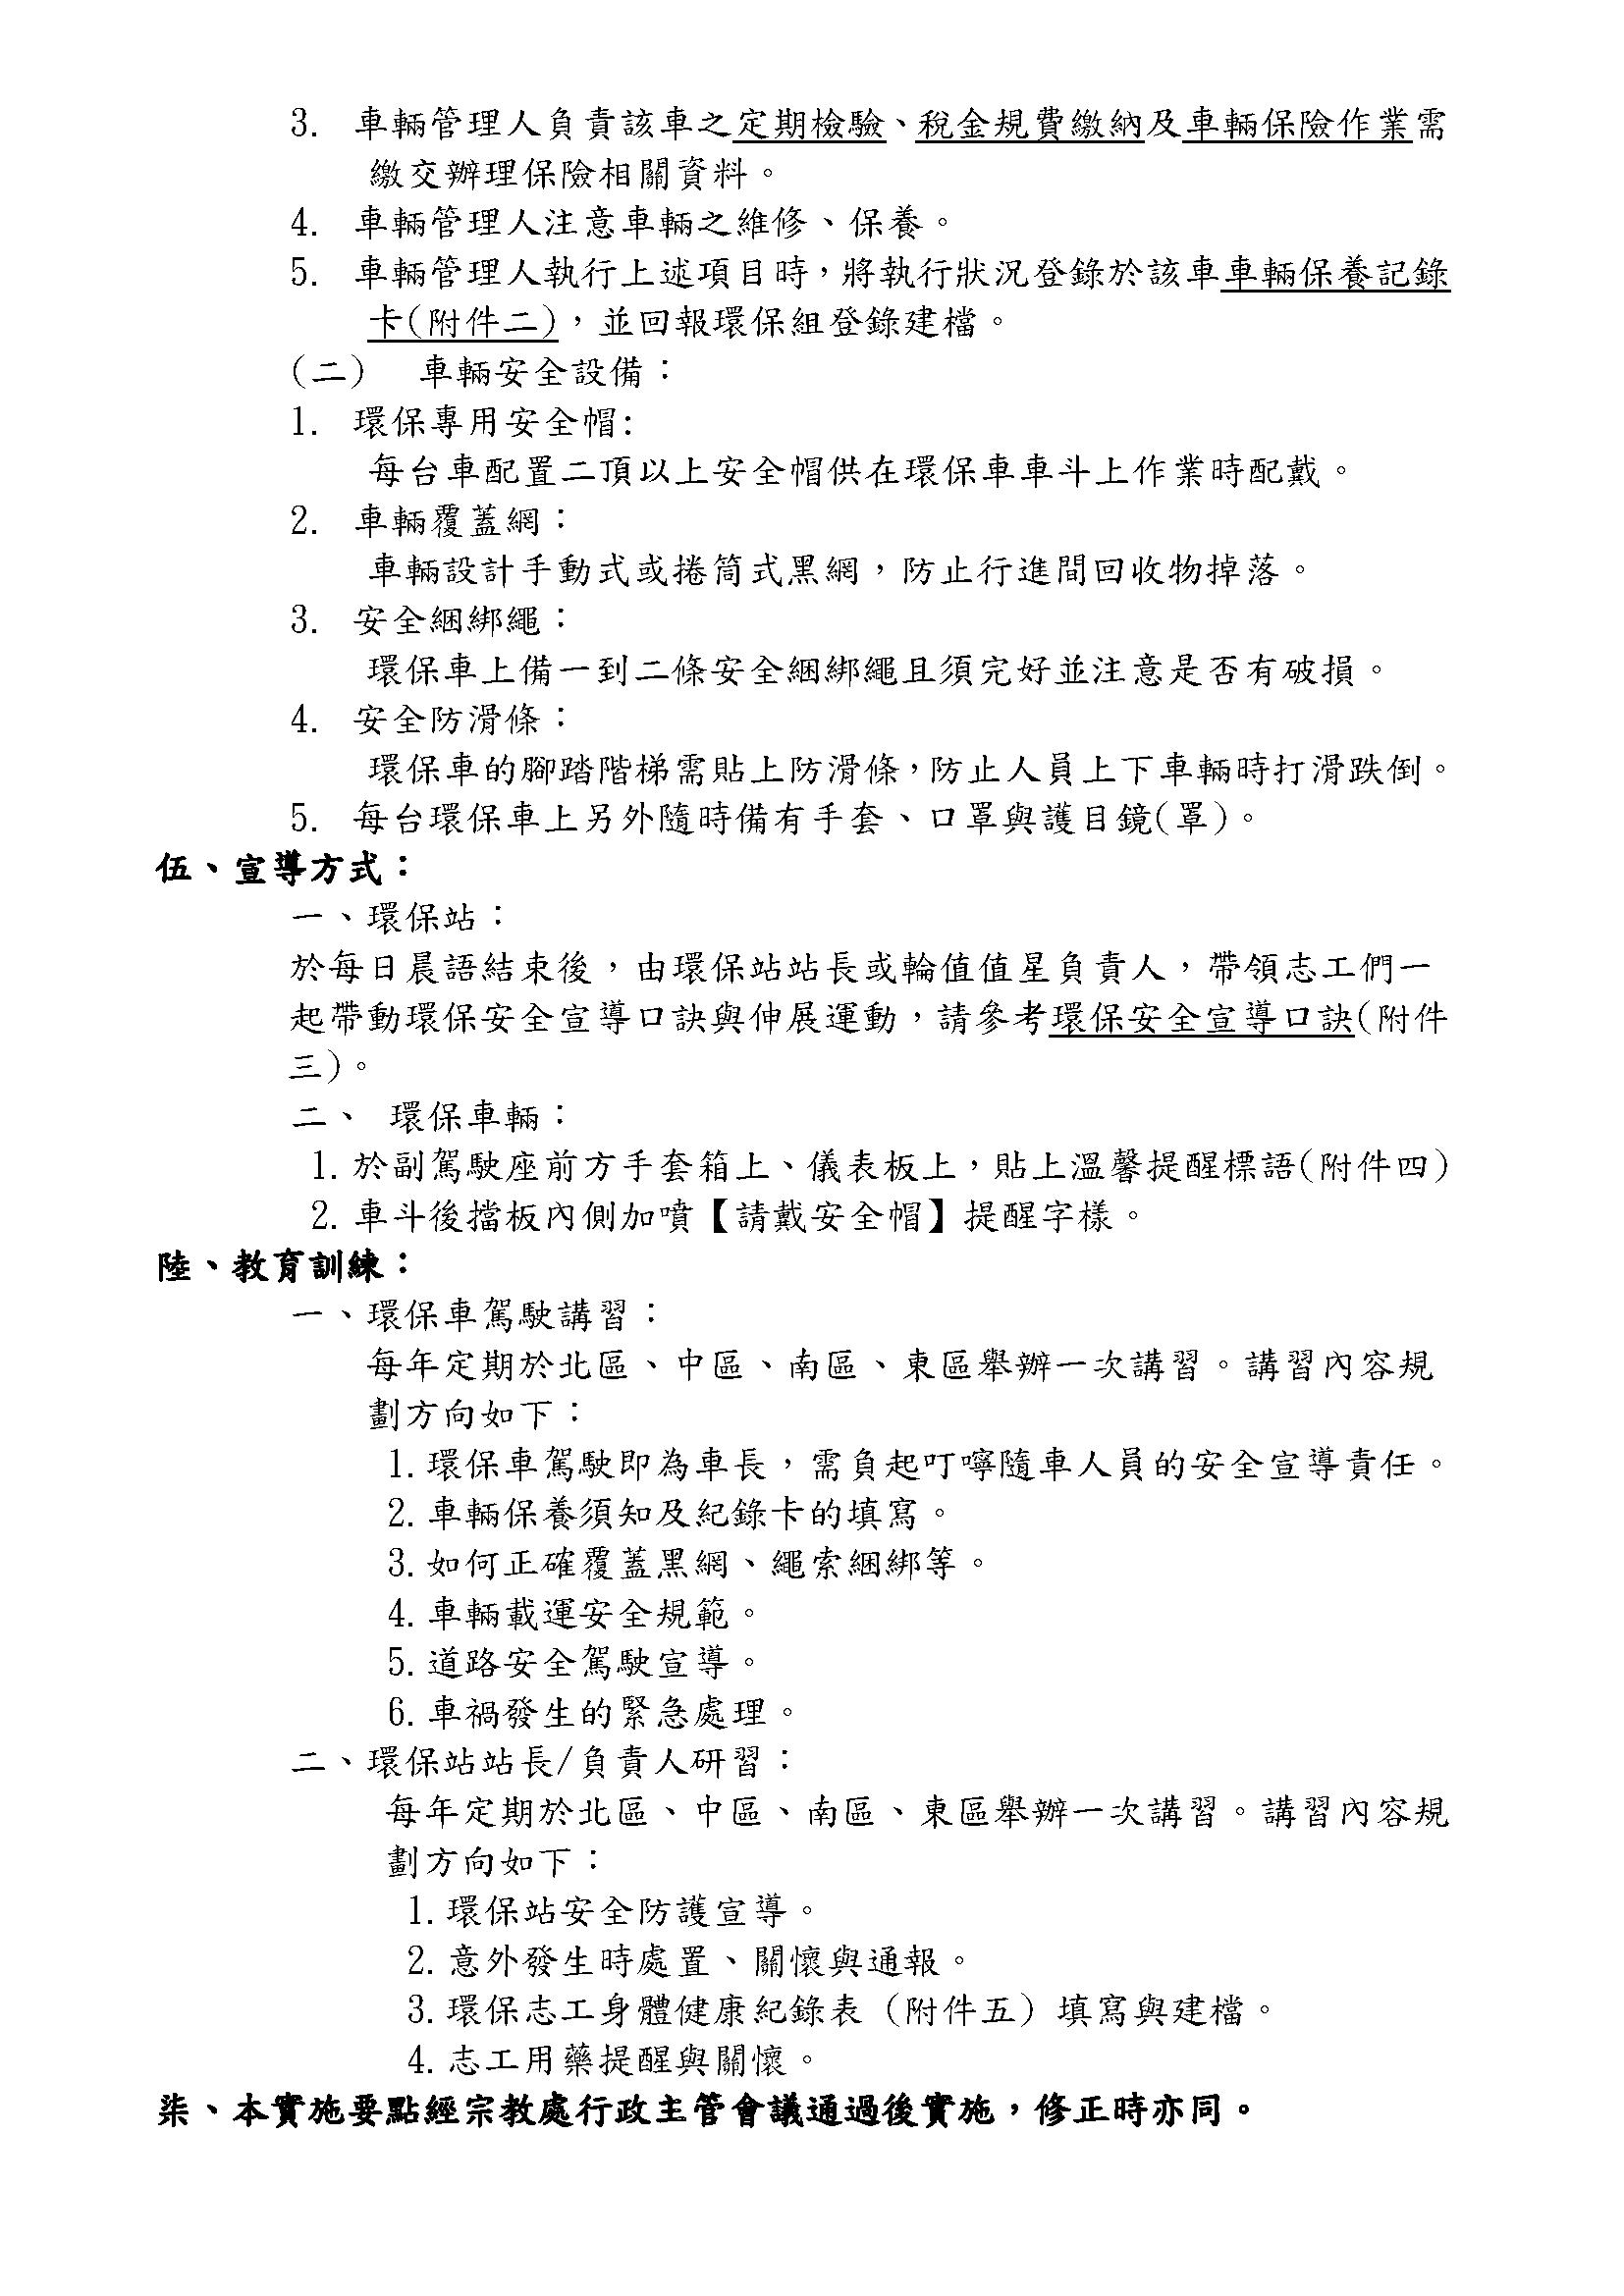 高雄附件3-環保志工安全宣導實施要點_頁面_2.png